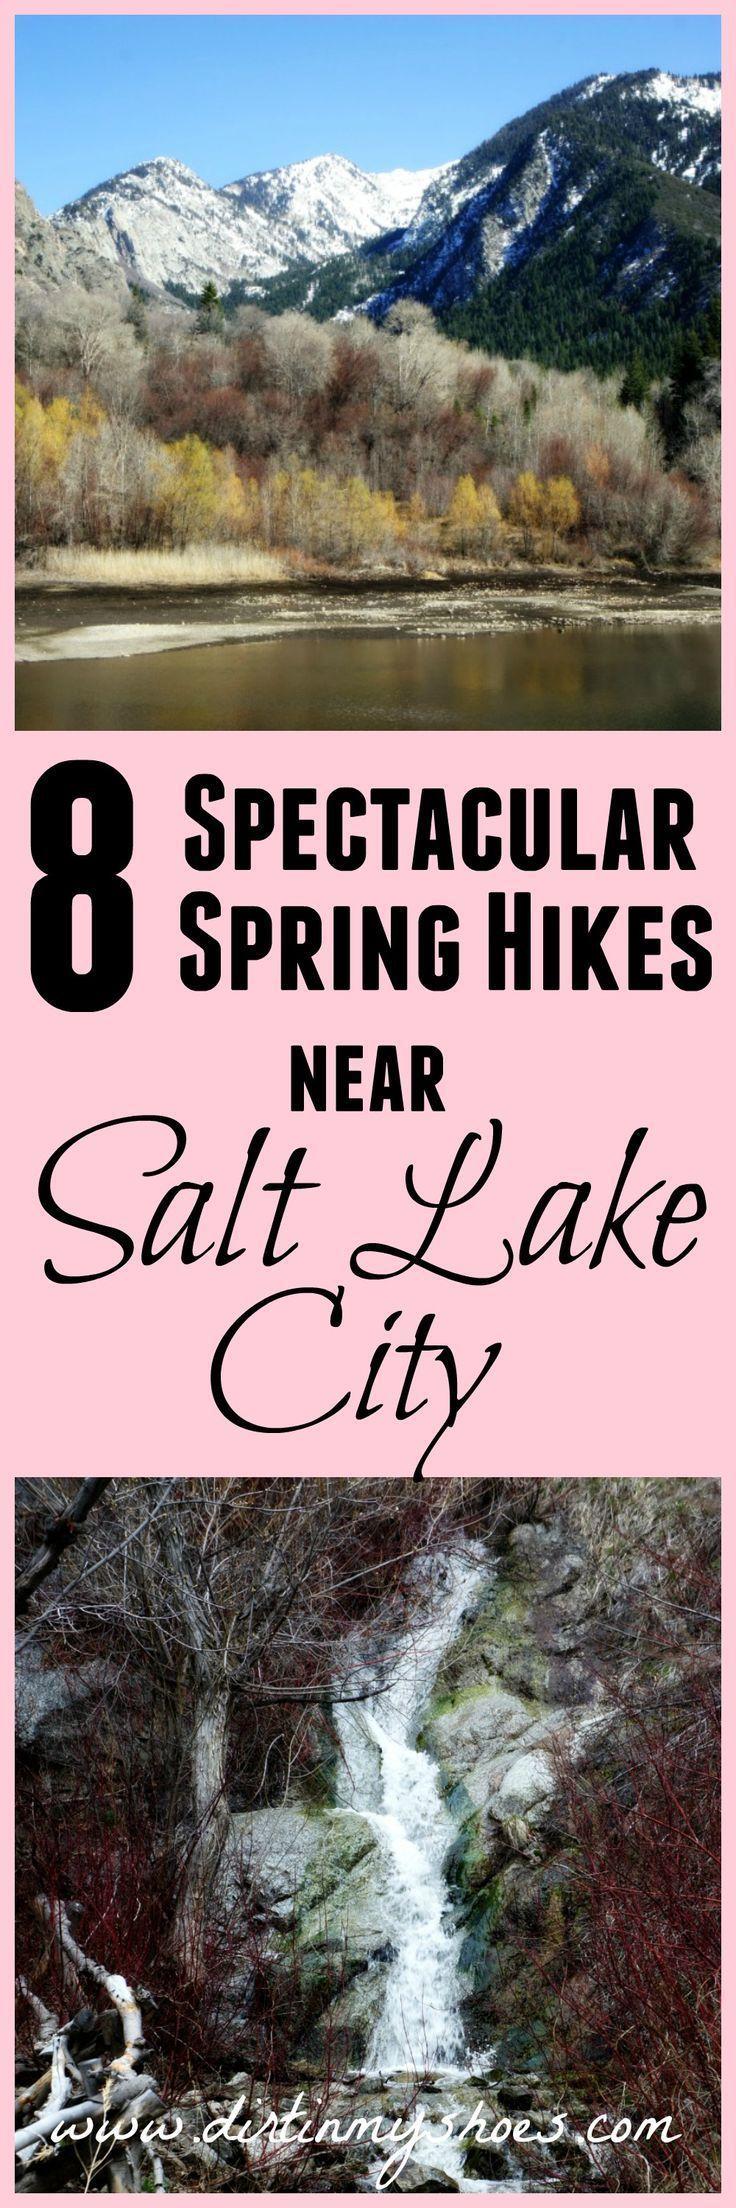 Best 20 Salt Lake City Ideas On Pinterest Salt Lake